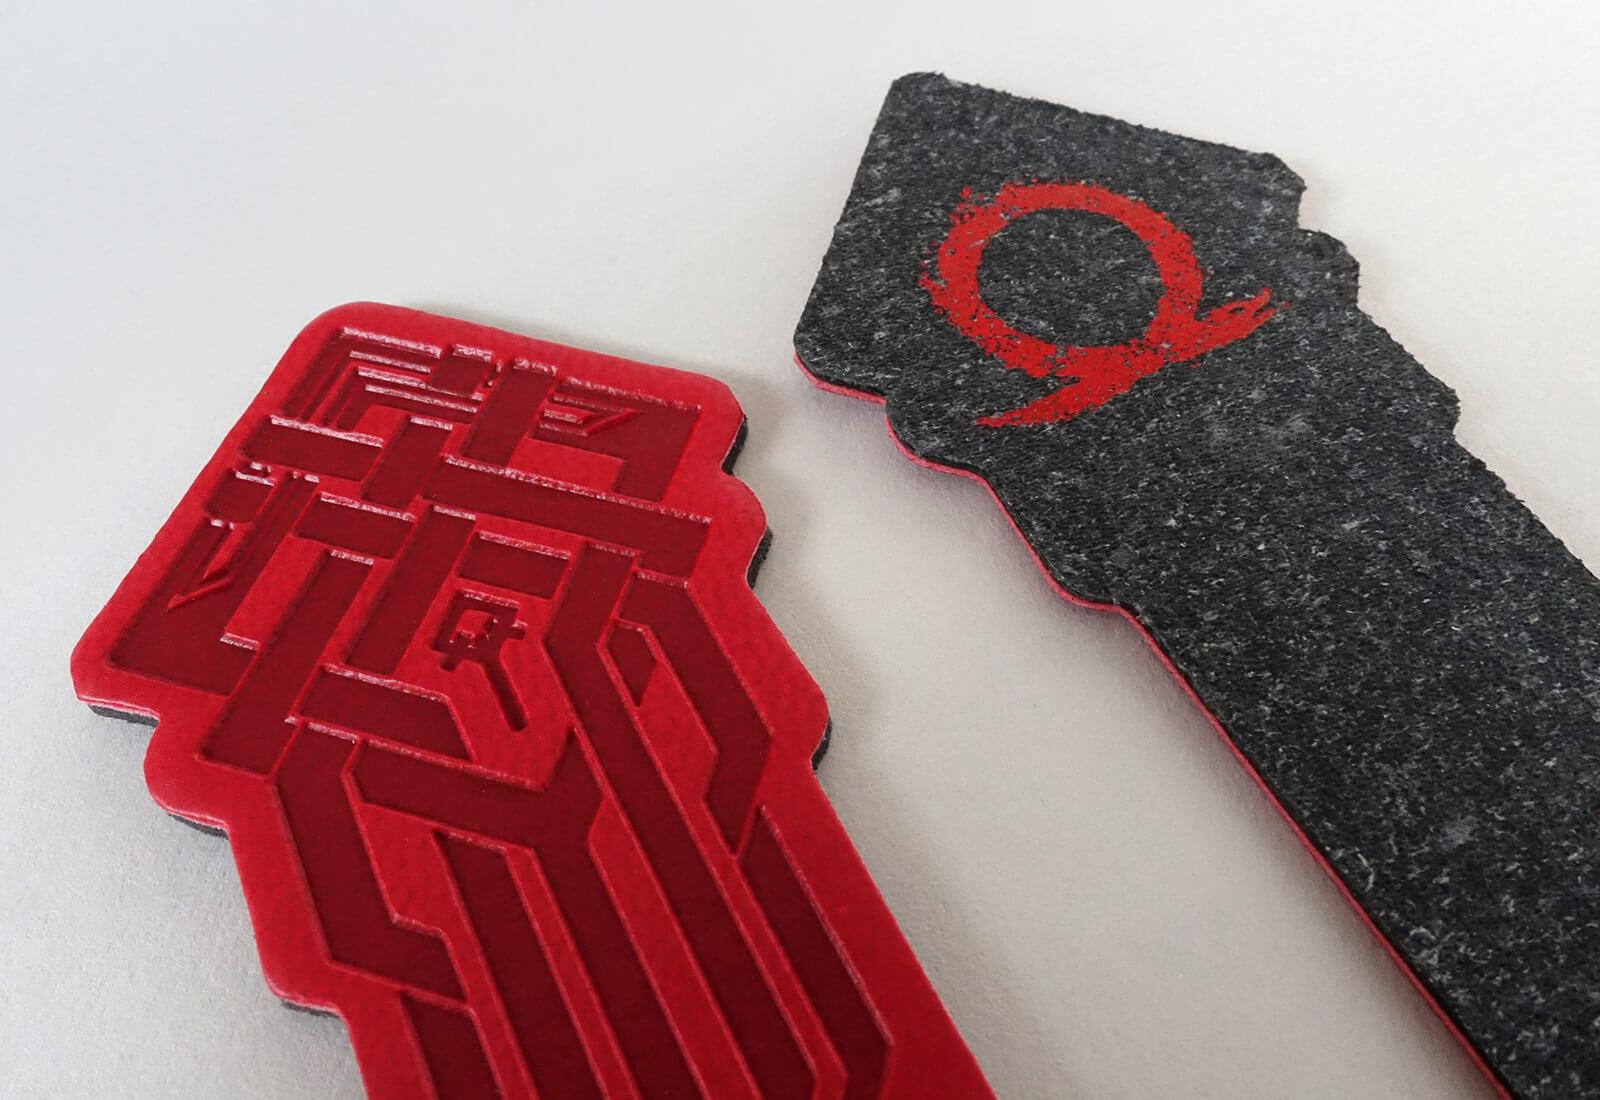 God Of War Media Kit - Close up